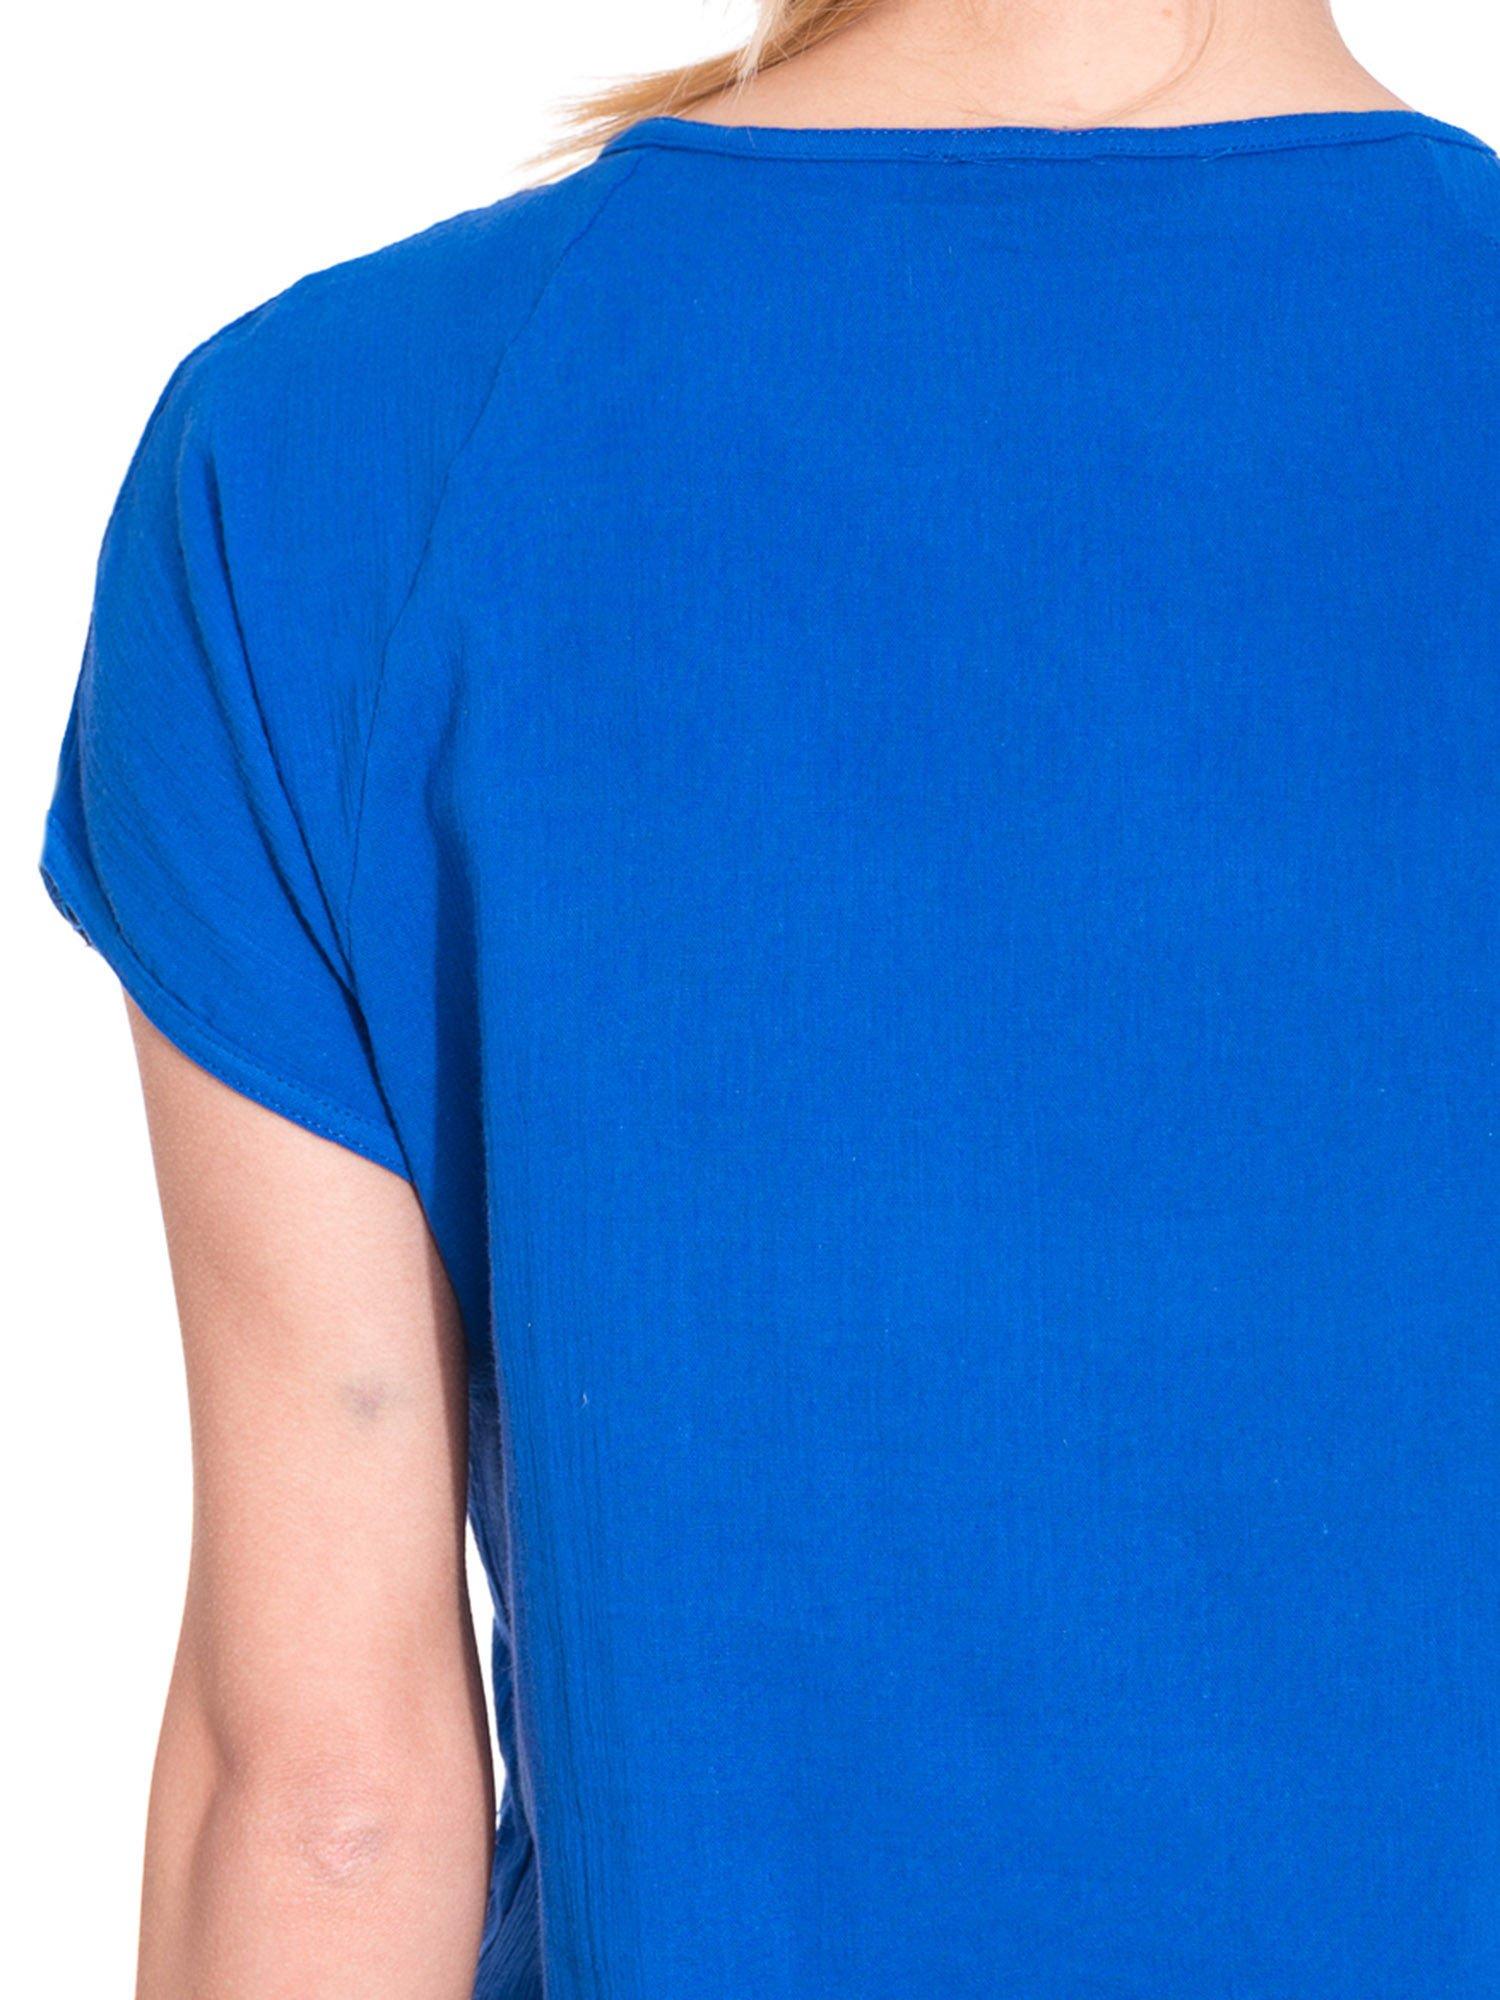 Niebieska bluzka koszulowa z haftem i ażurowaniem przy dekolcie                                  zdj.                                  6